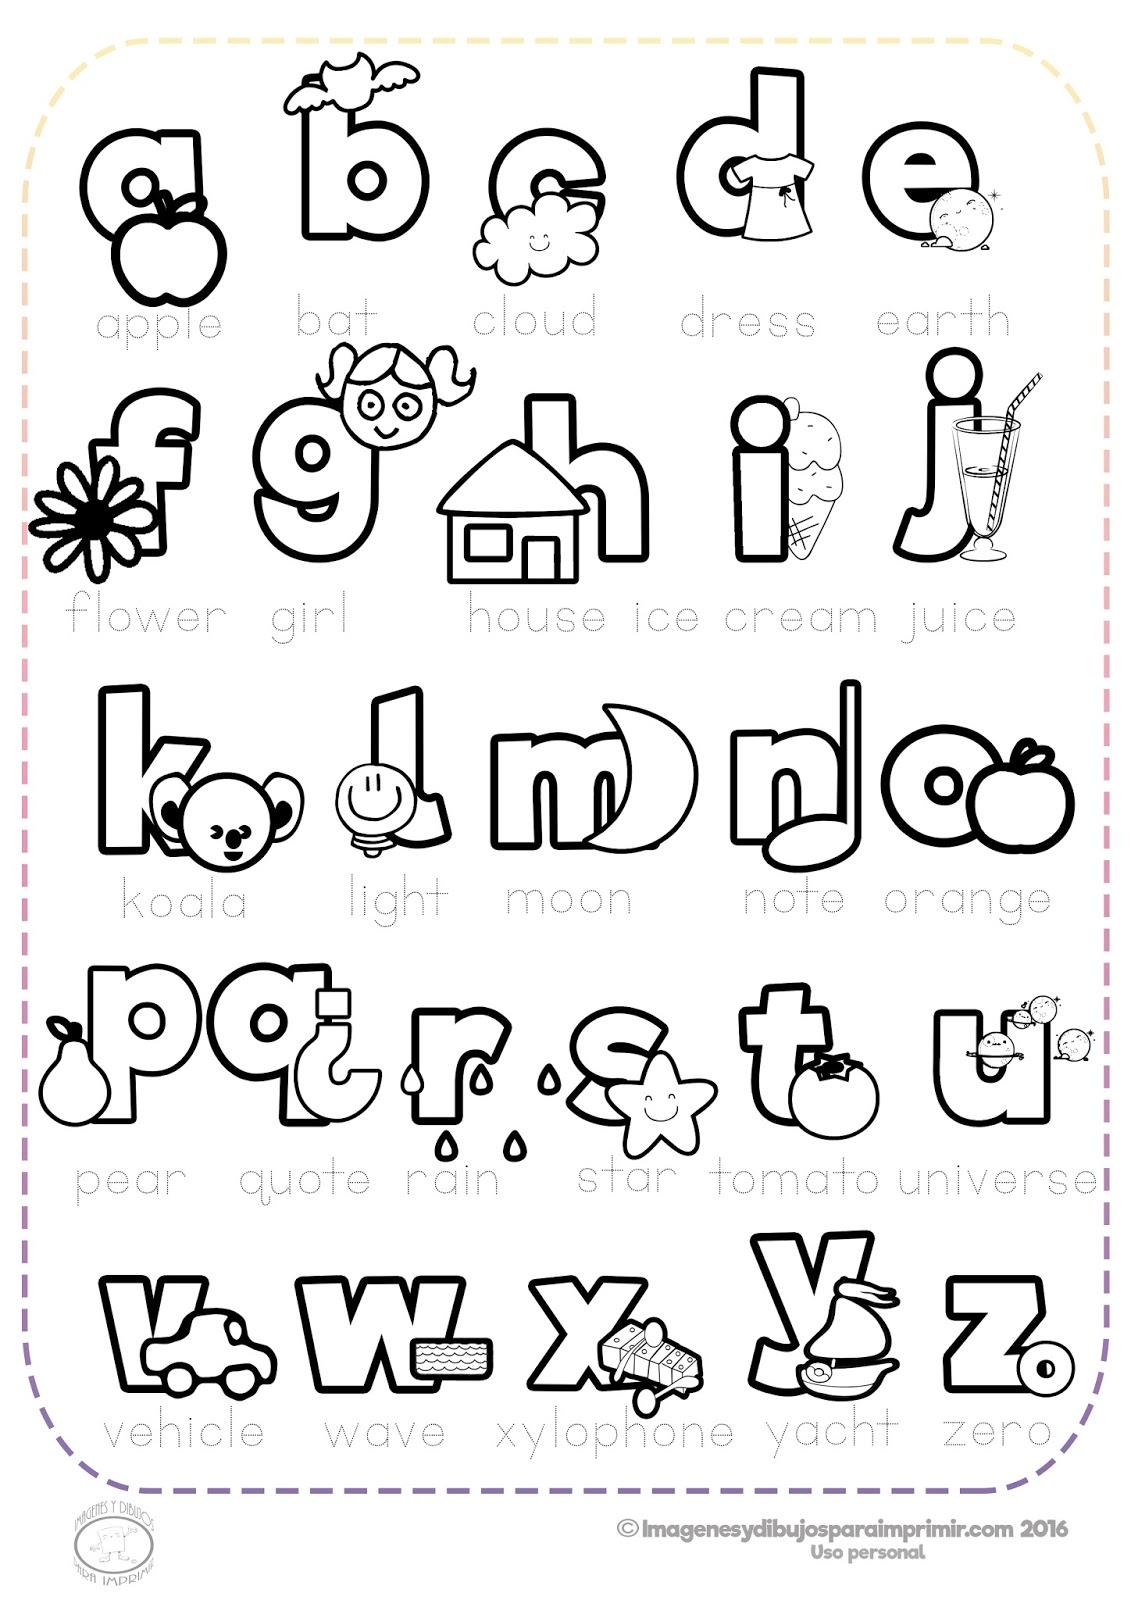 Abecedario En Inglés Para Imprimir Y Colorear Imagenes Y Dibujos